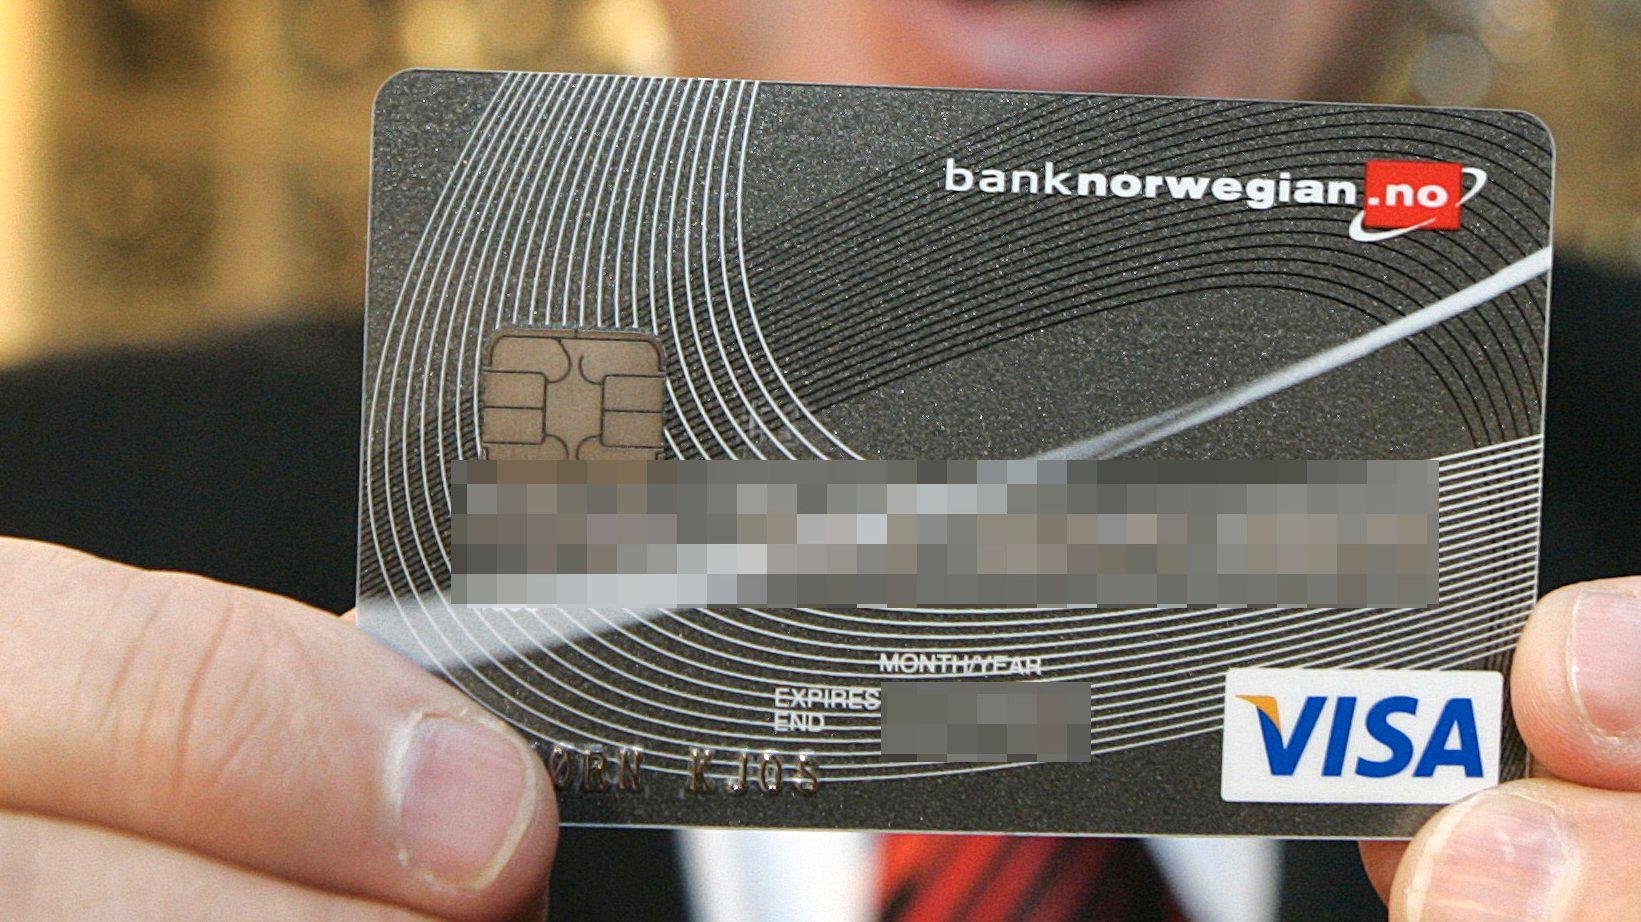 BANKSJEFEN SIER OPP: Bjørn Kjos' banksjef har levert oppsigelsesbrevet, og vil fortsette ut oppsigelsestiden. Bildet er av Kjos' eget Bank Norwegian-kort.